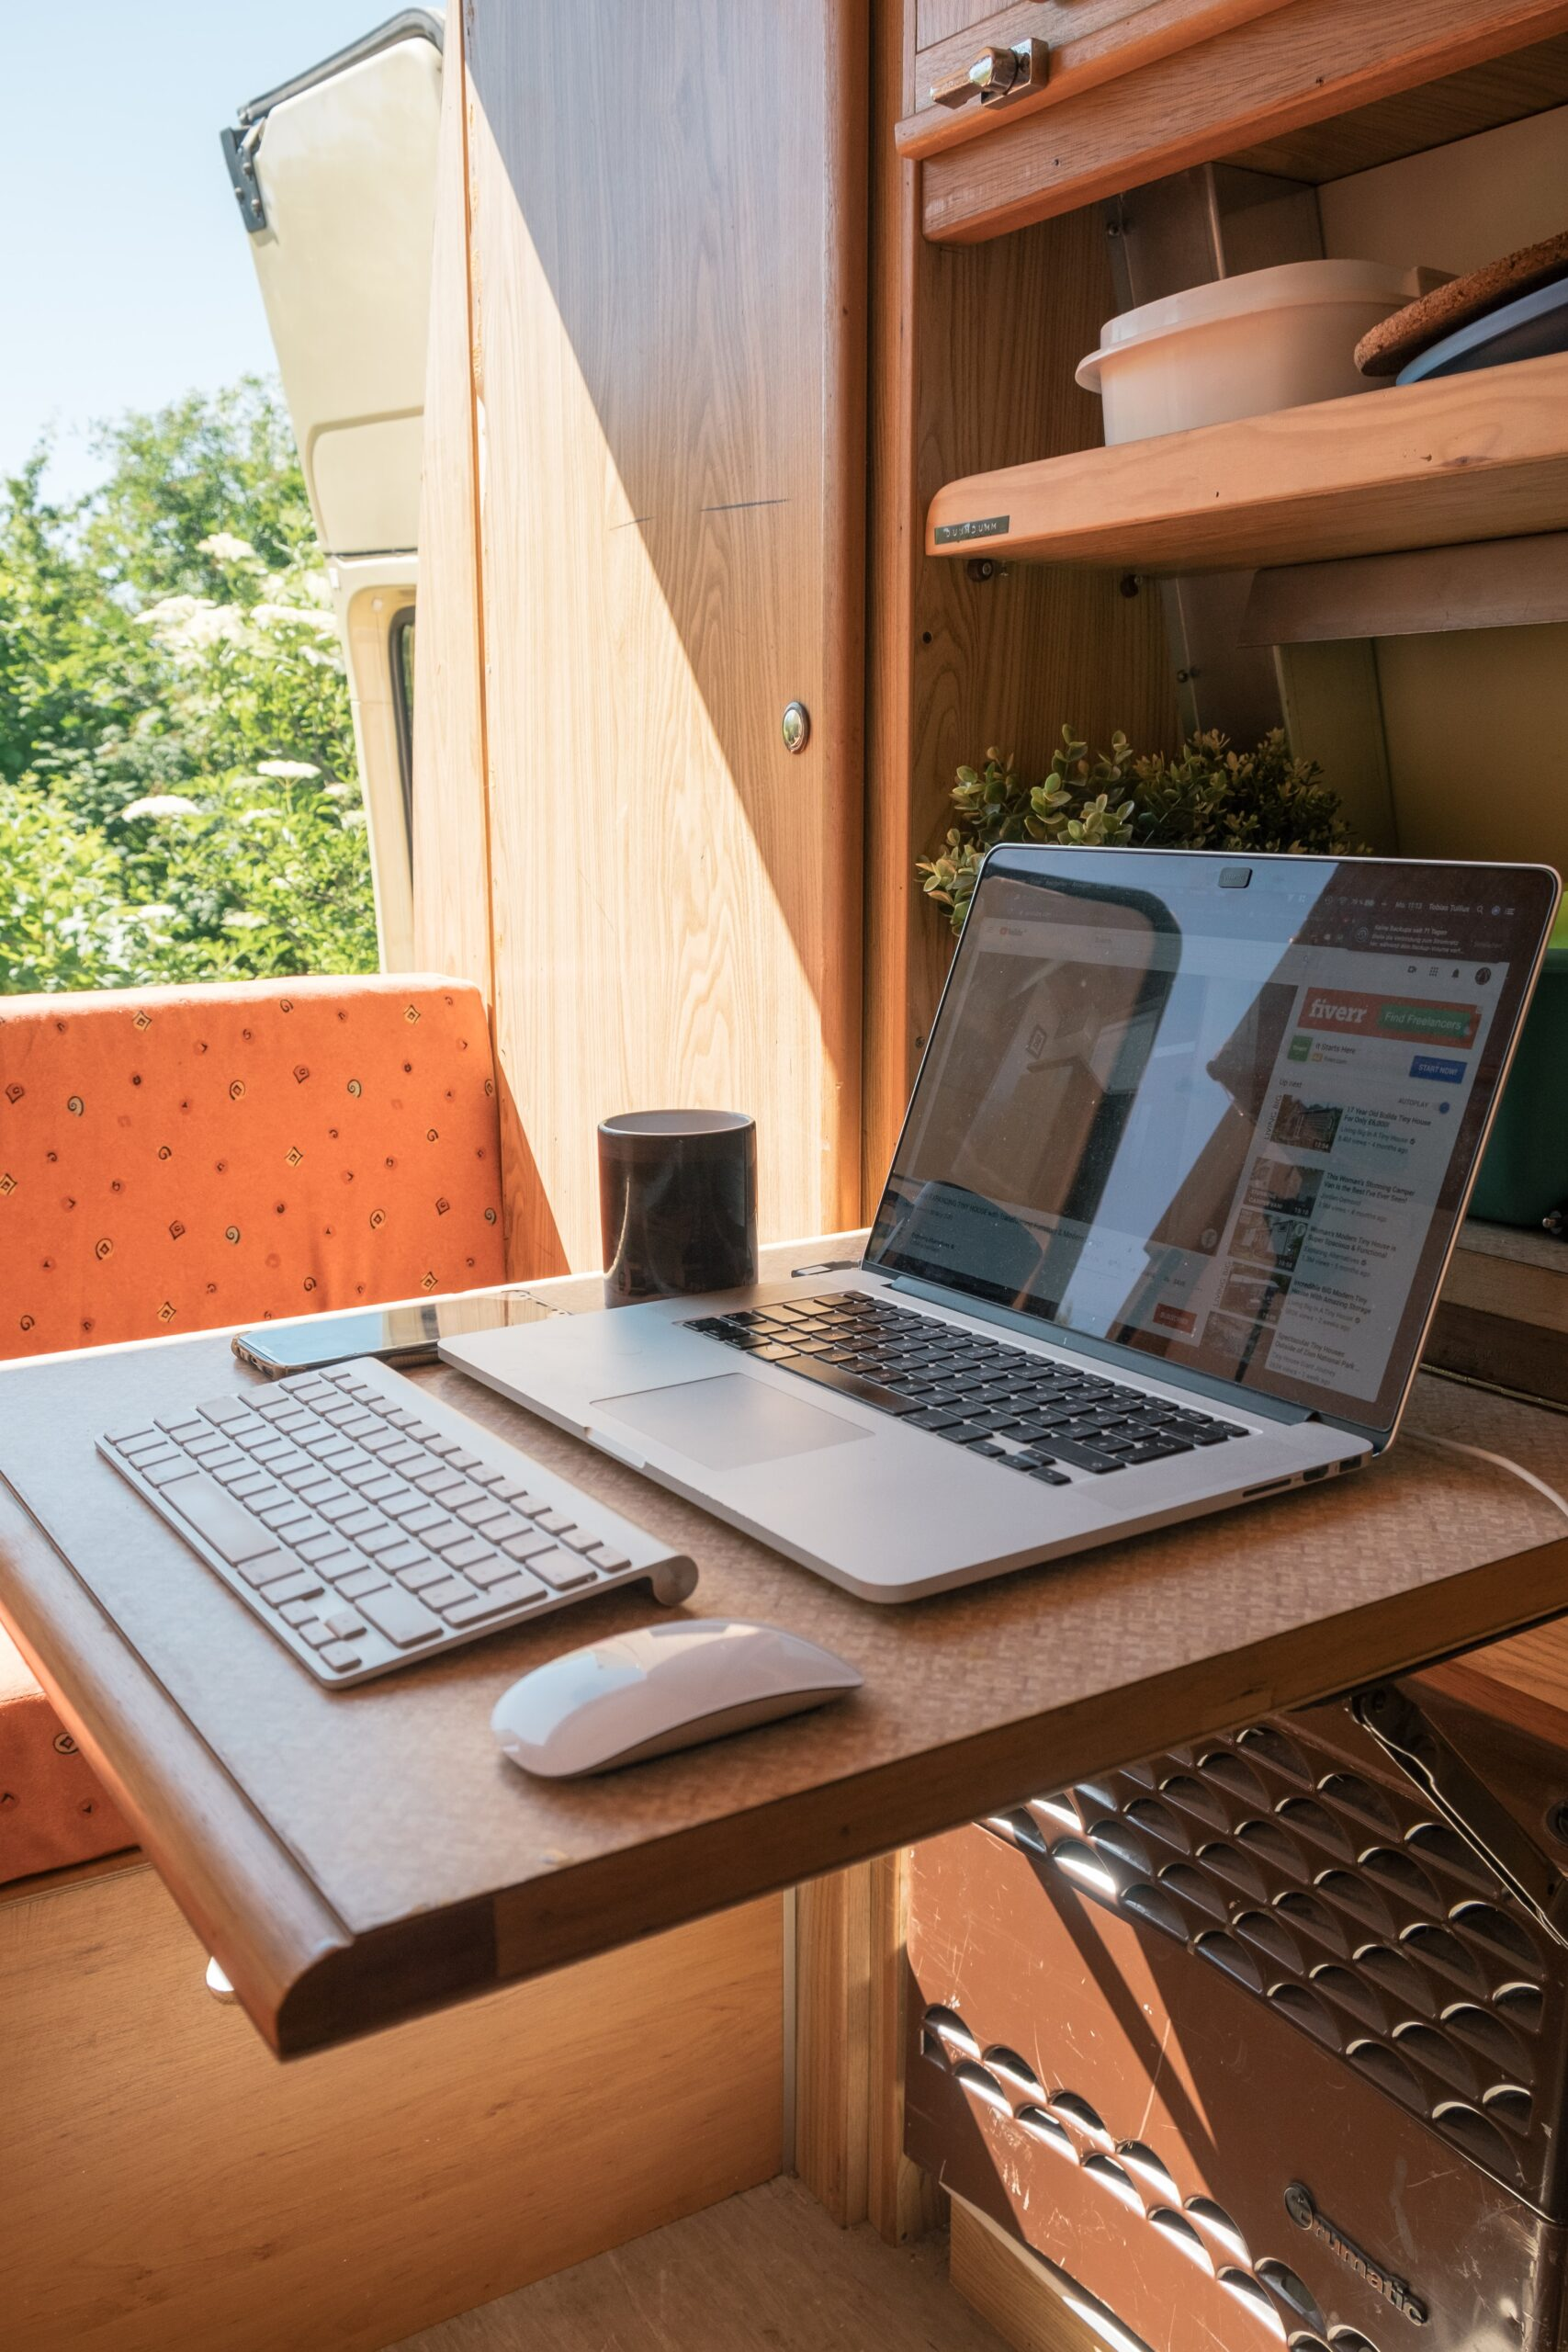 scrivania minimal con pc mouse e tastiera